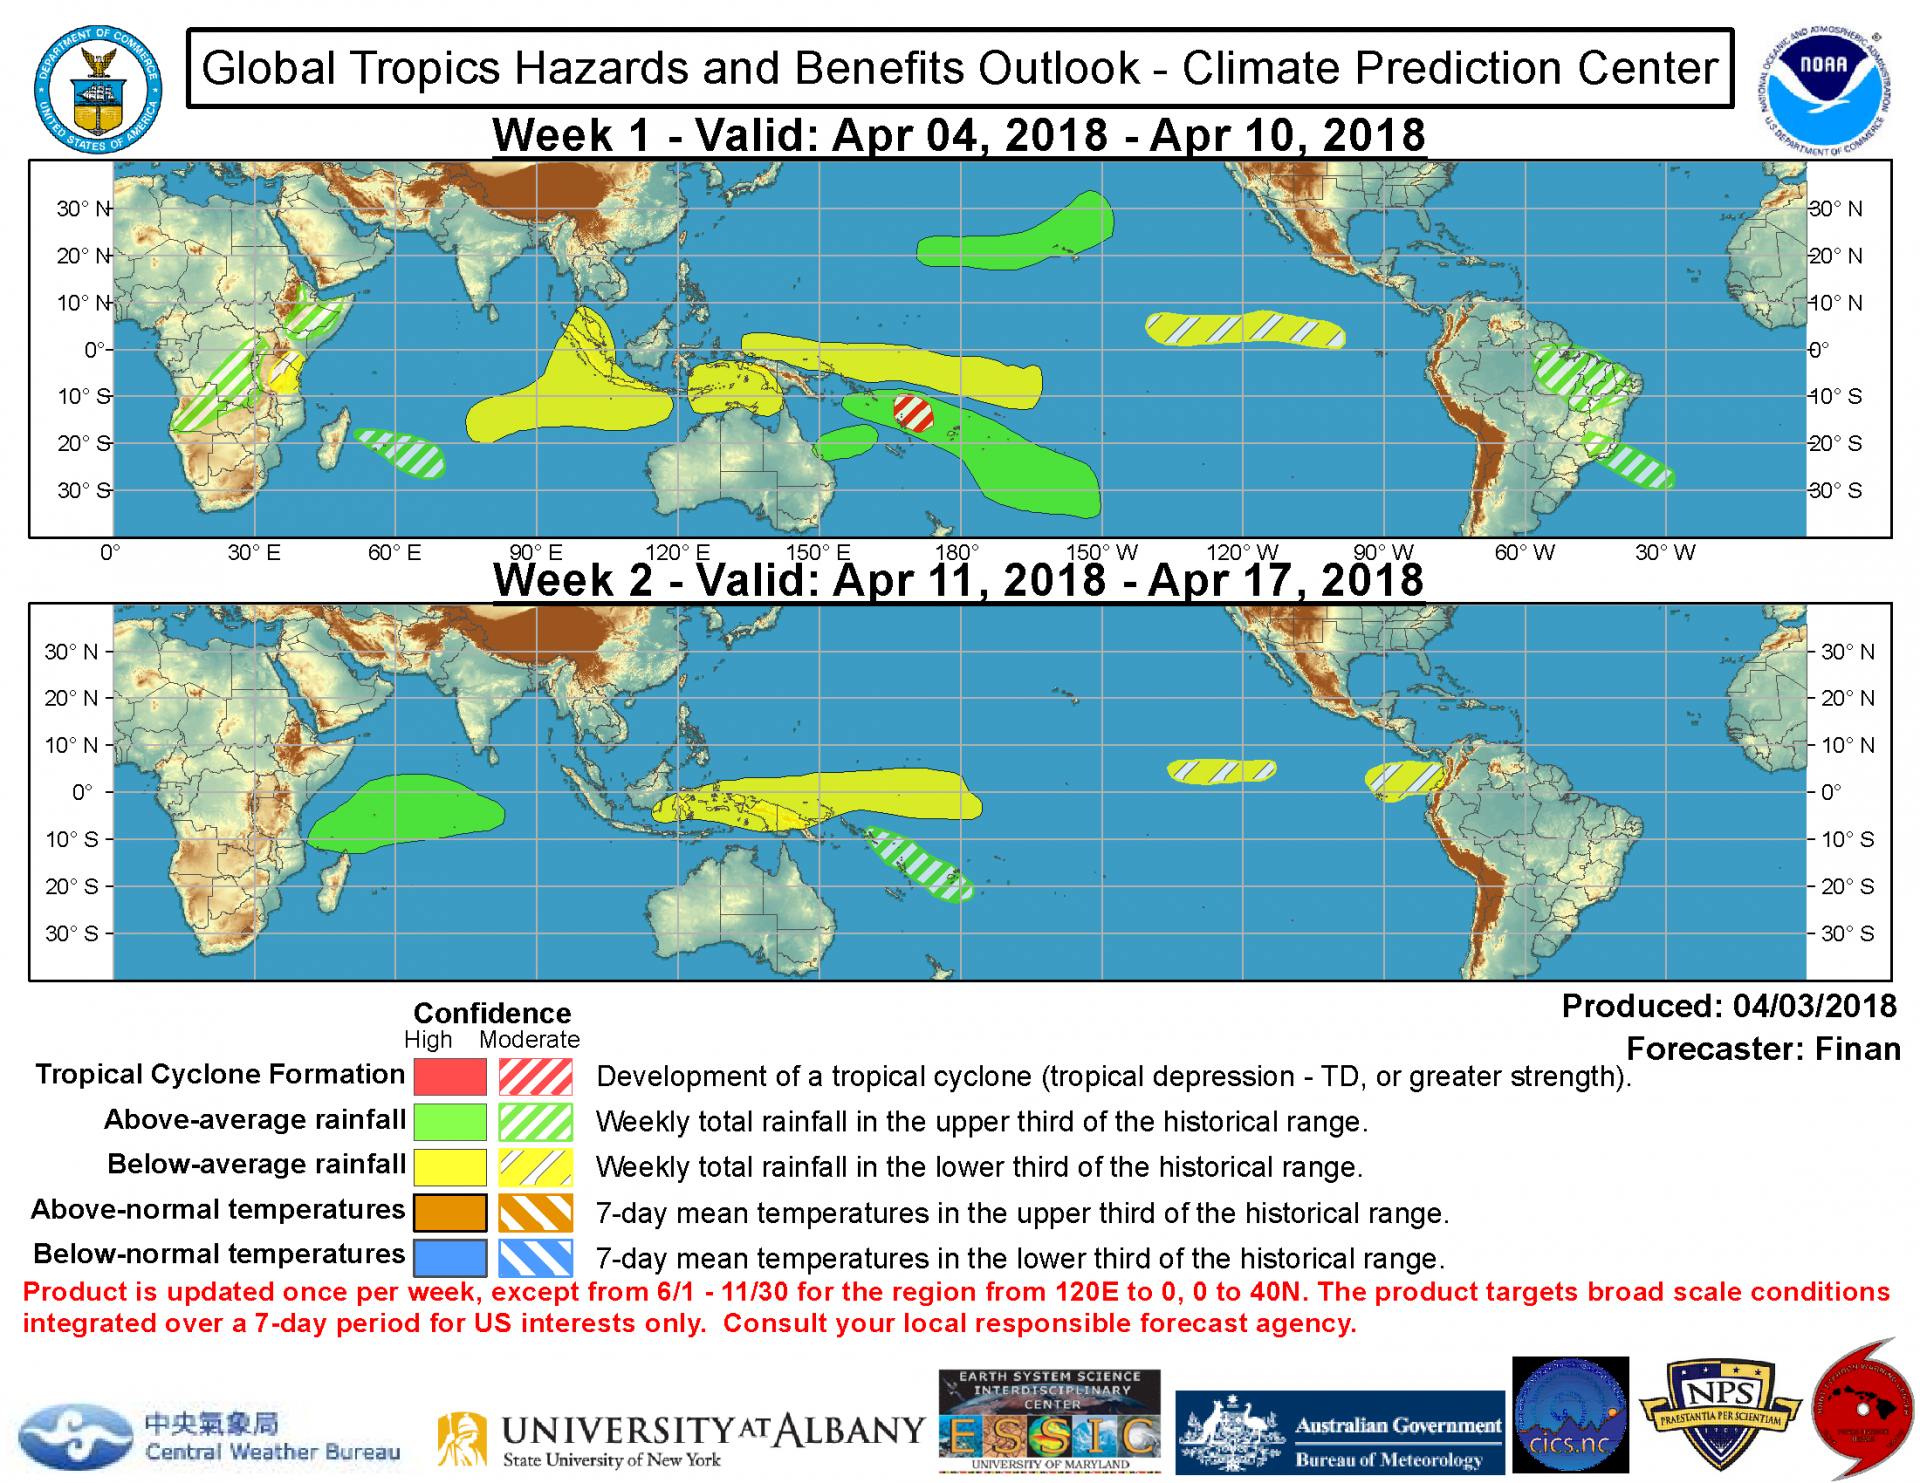 Perspective d'activité cyclonique et pluvieuse intra-saisonnière de la NOAA